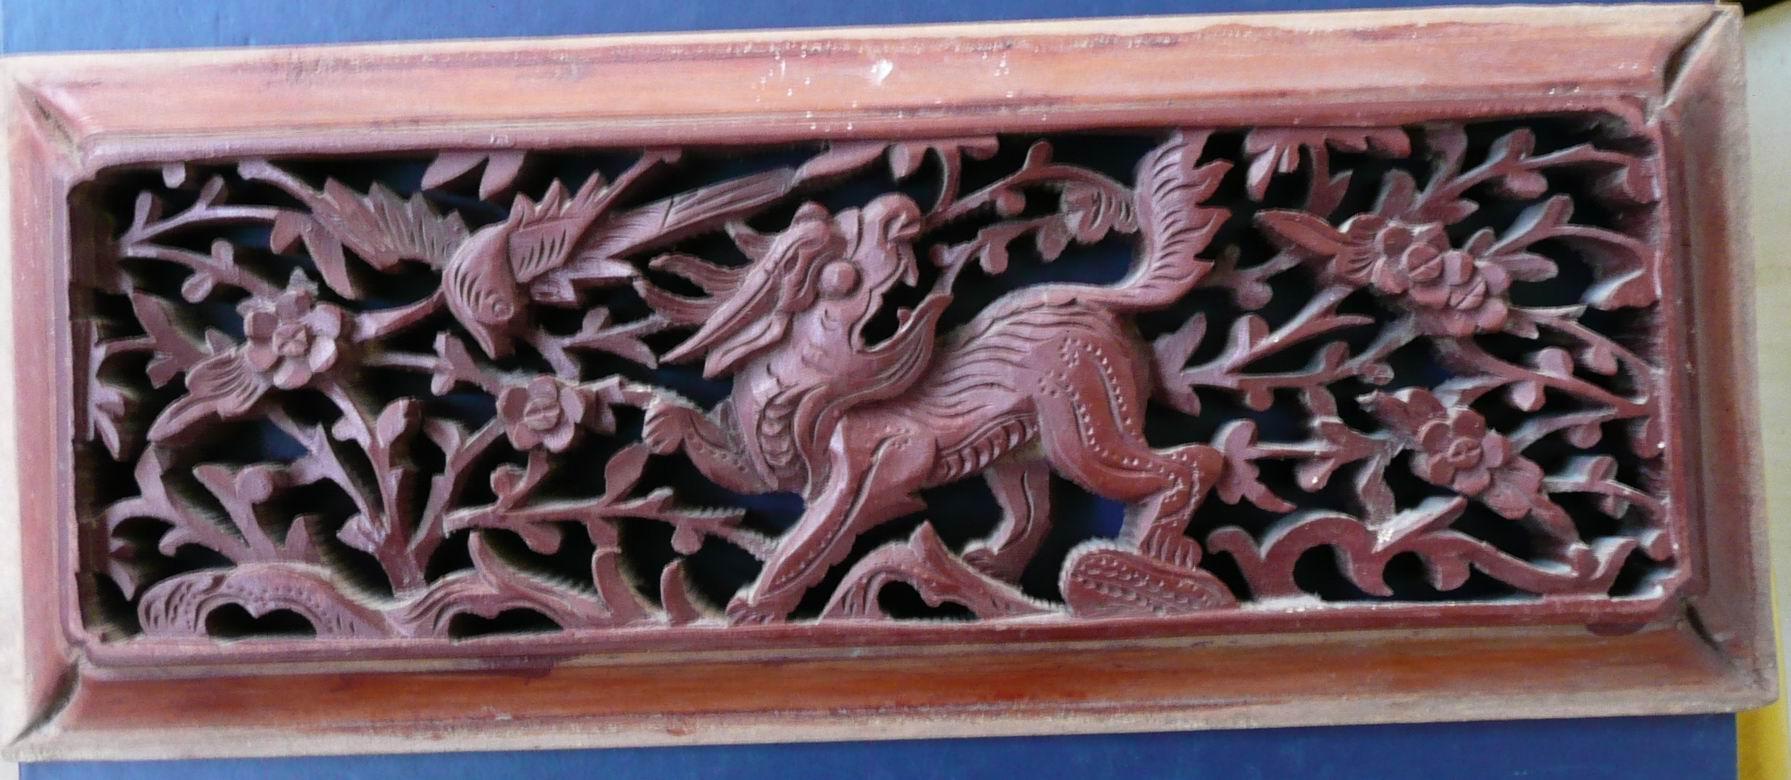 人物动物雕刻楠木板